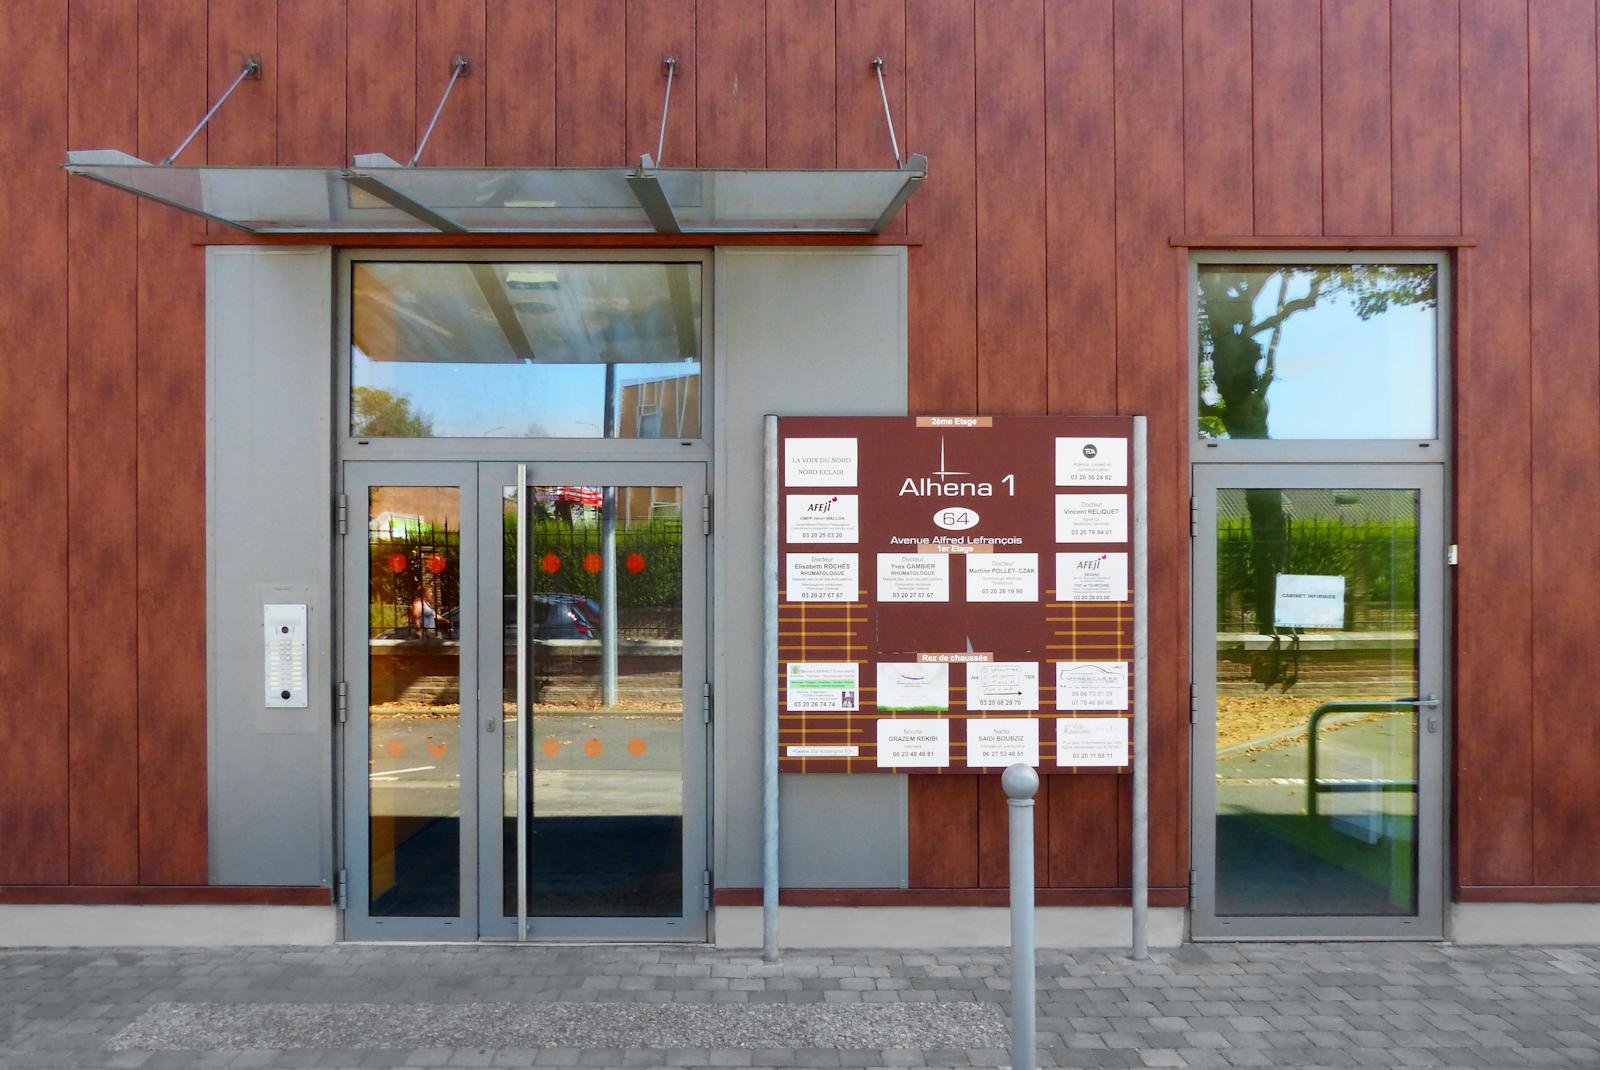 Porte d'entrée du bâtiment Alhena 1